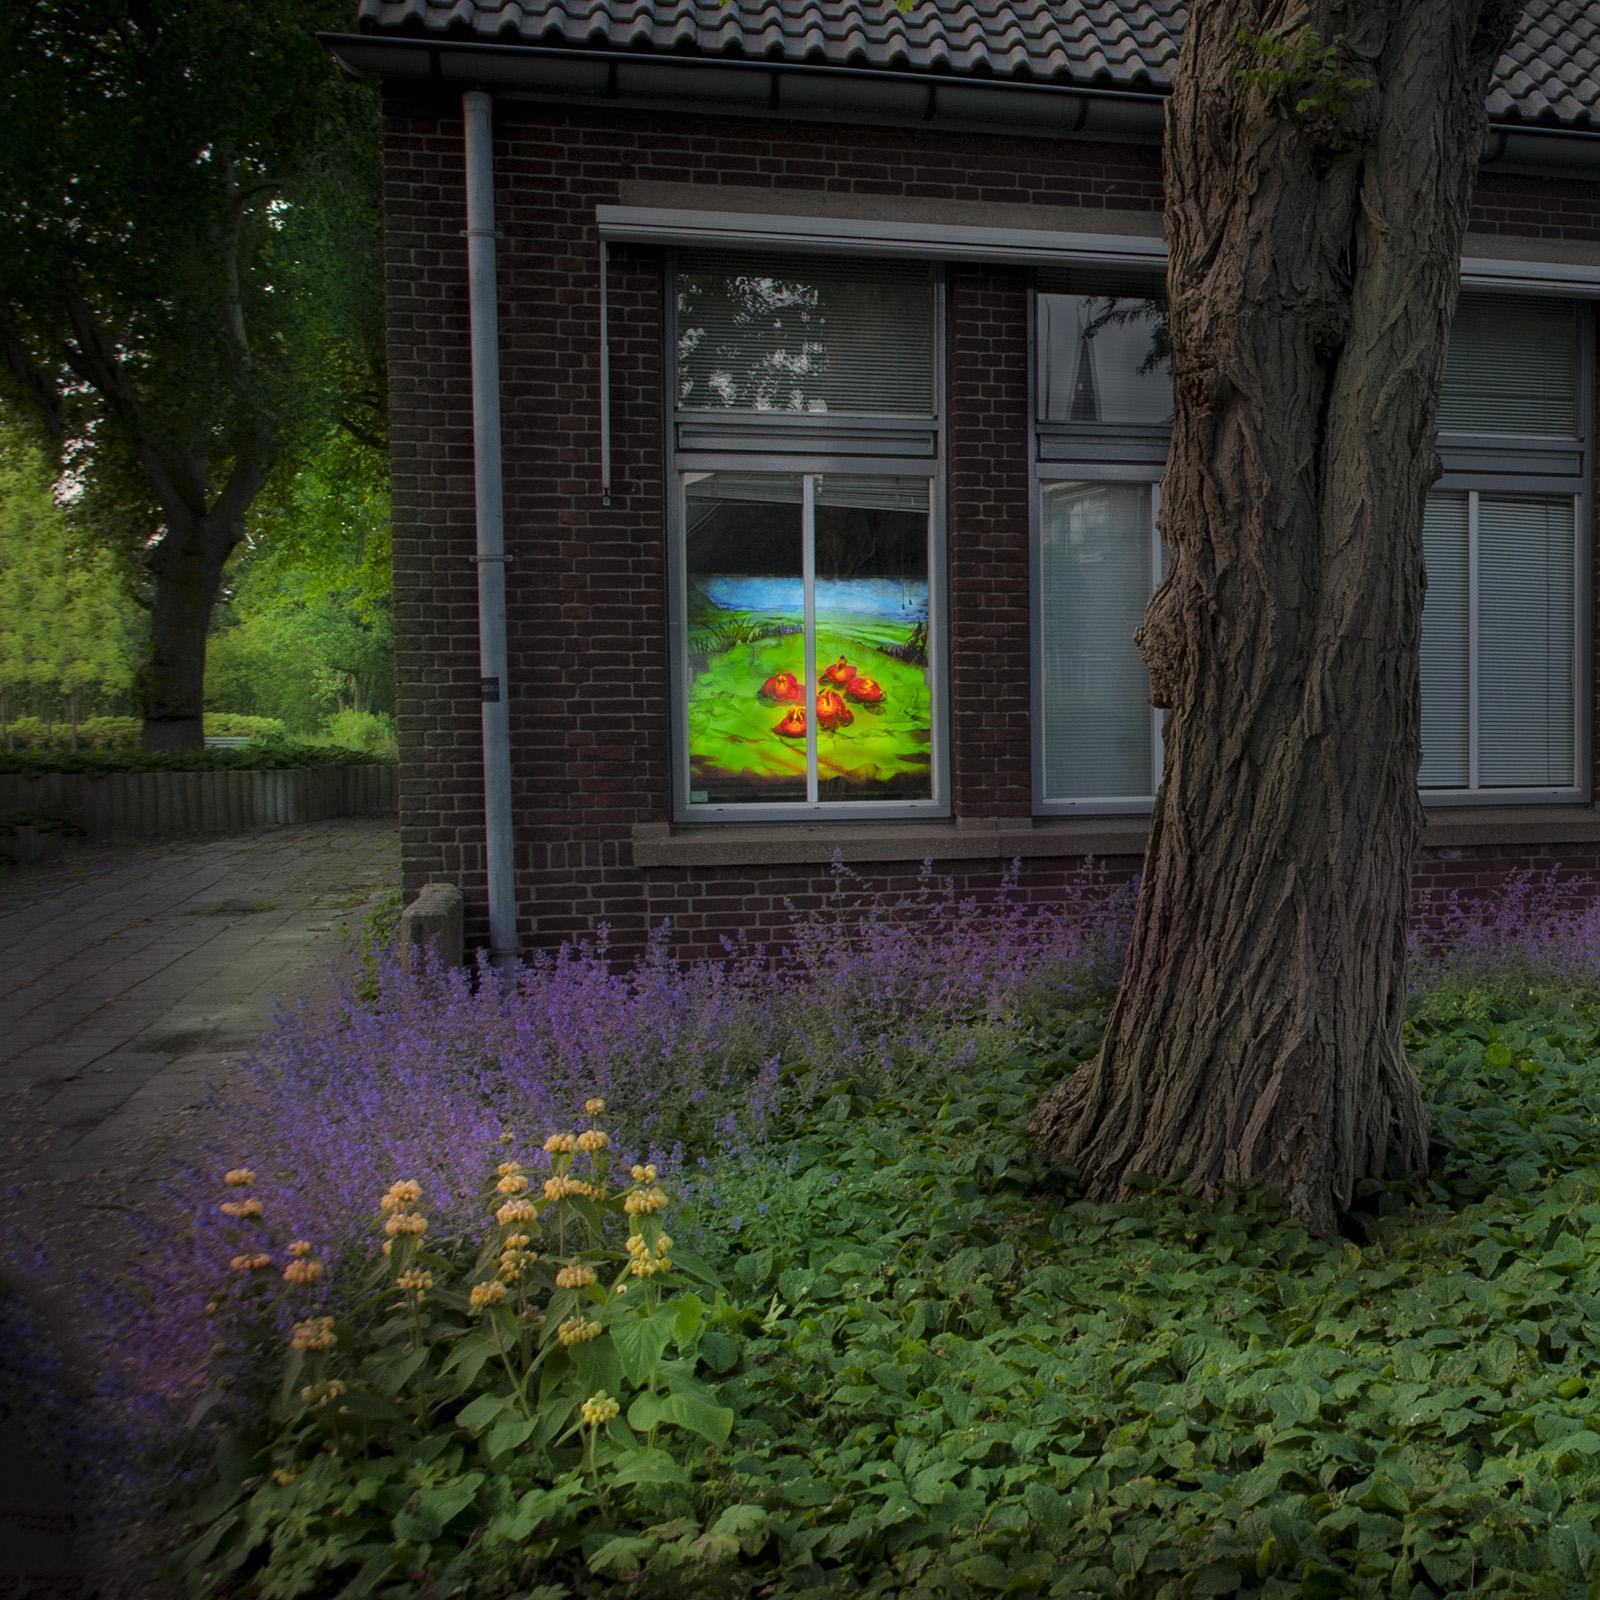 foto: ©Jan van der Horn - Lichtbak Gemeentehuis Voorschoten